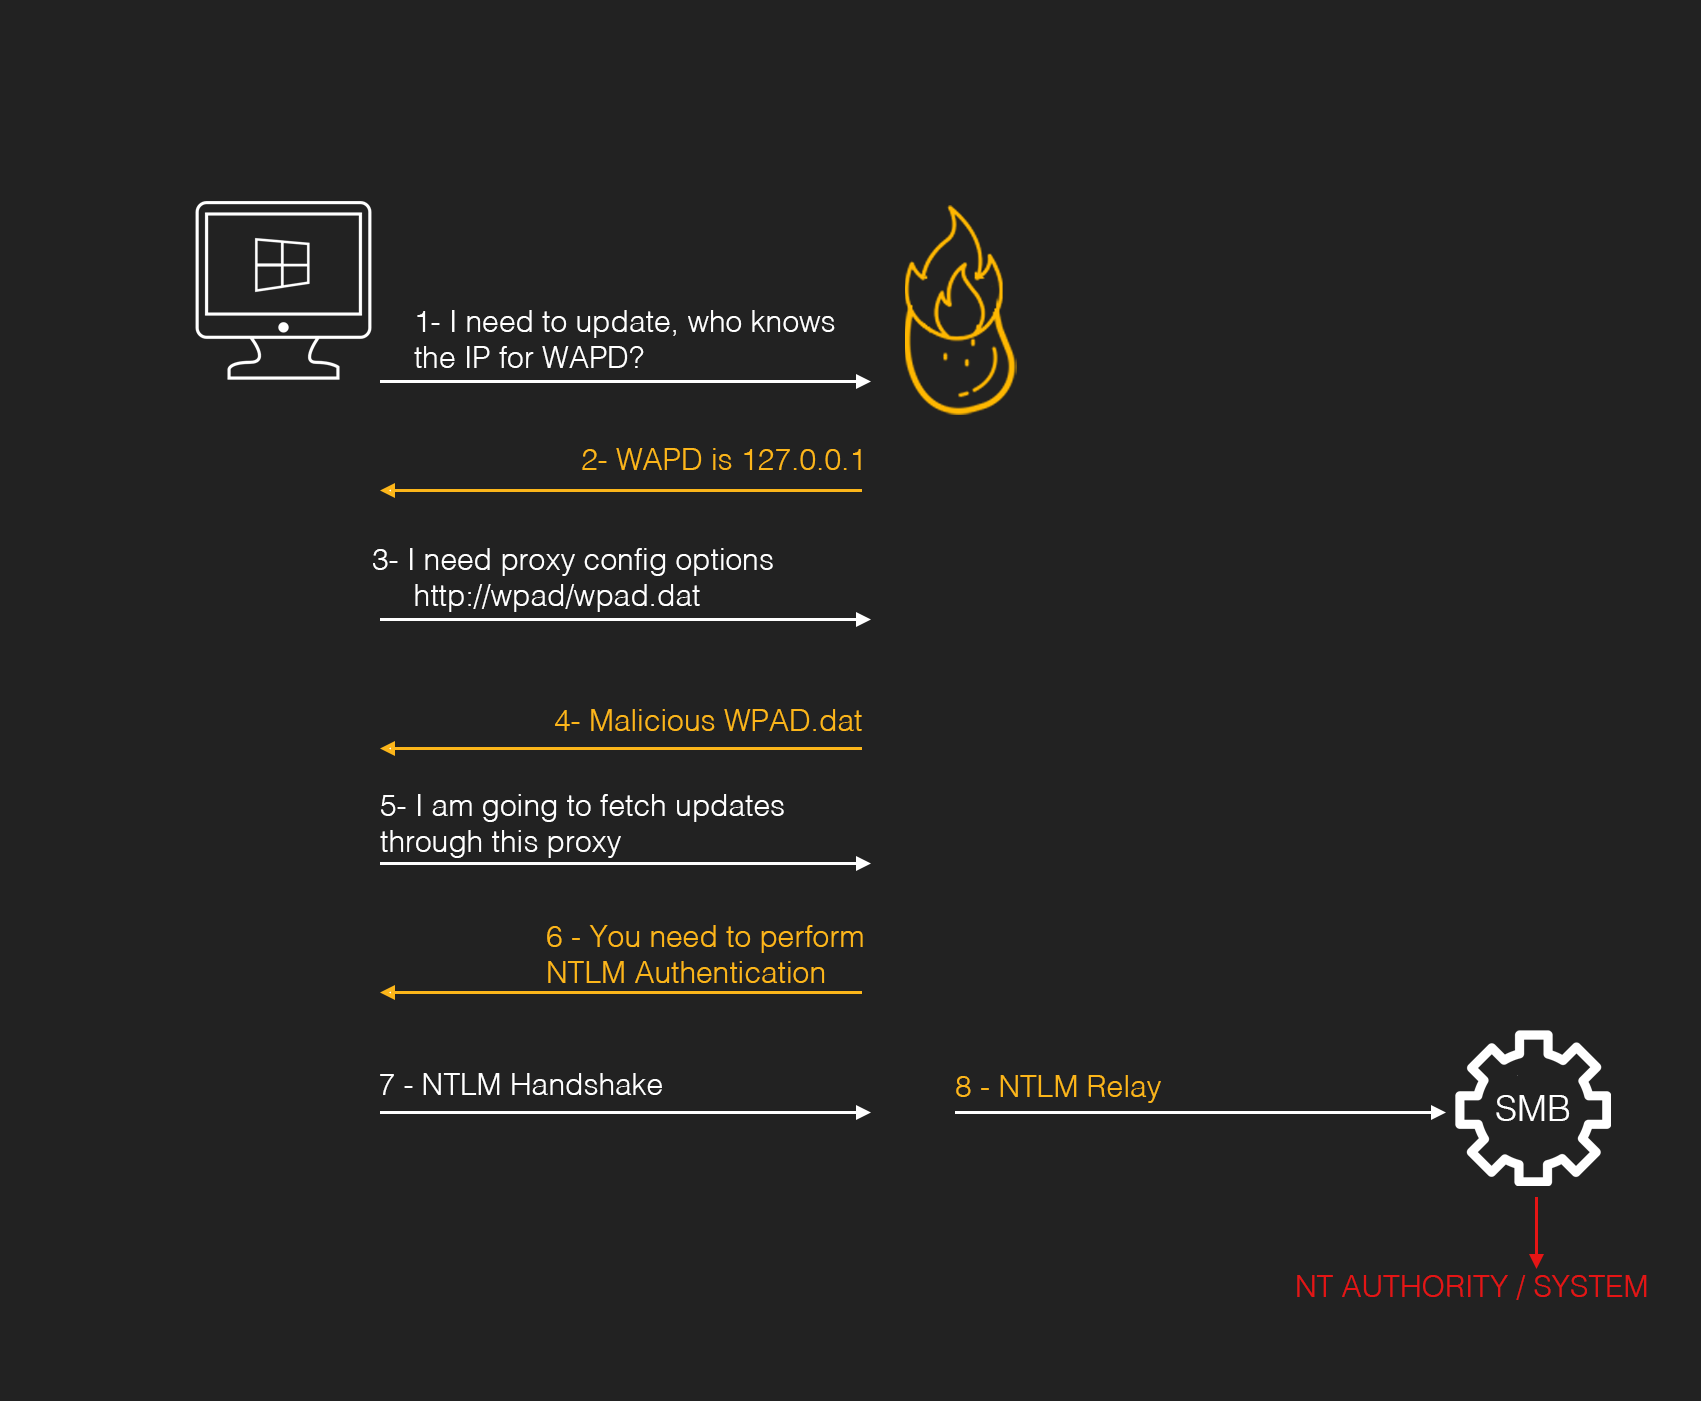 Image Diagram 1